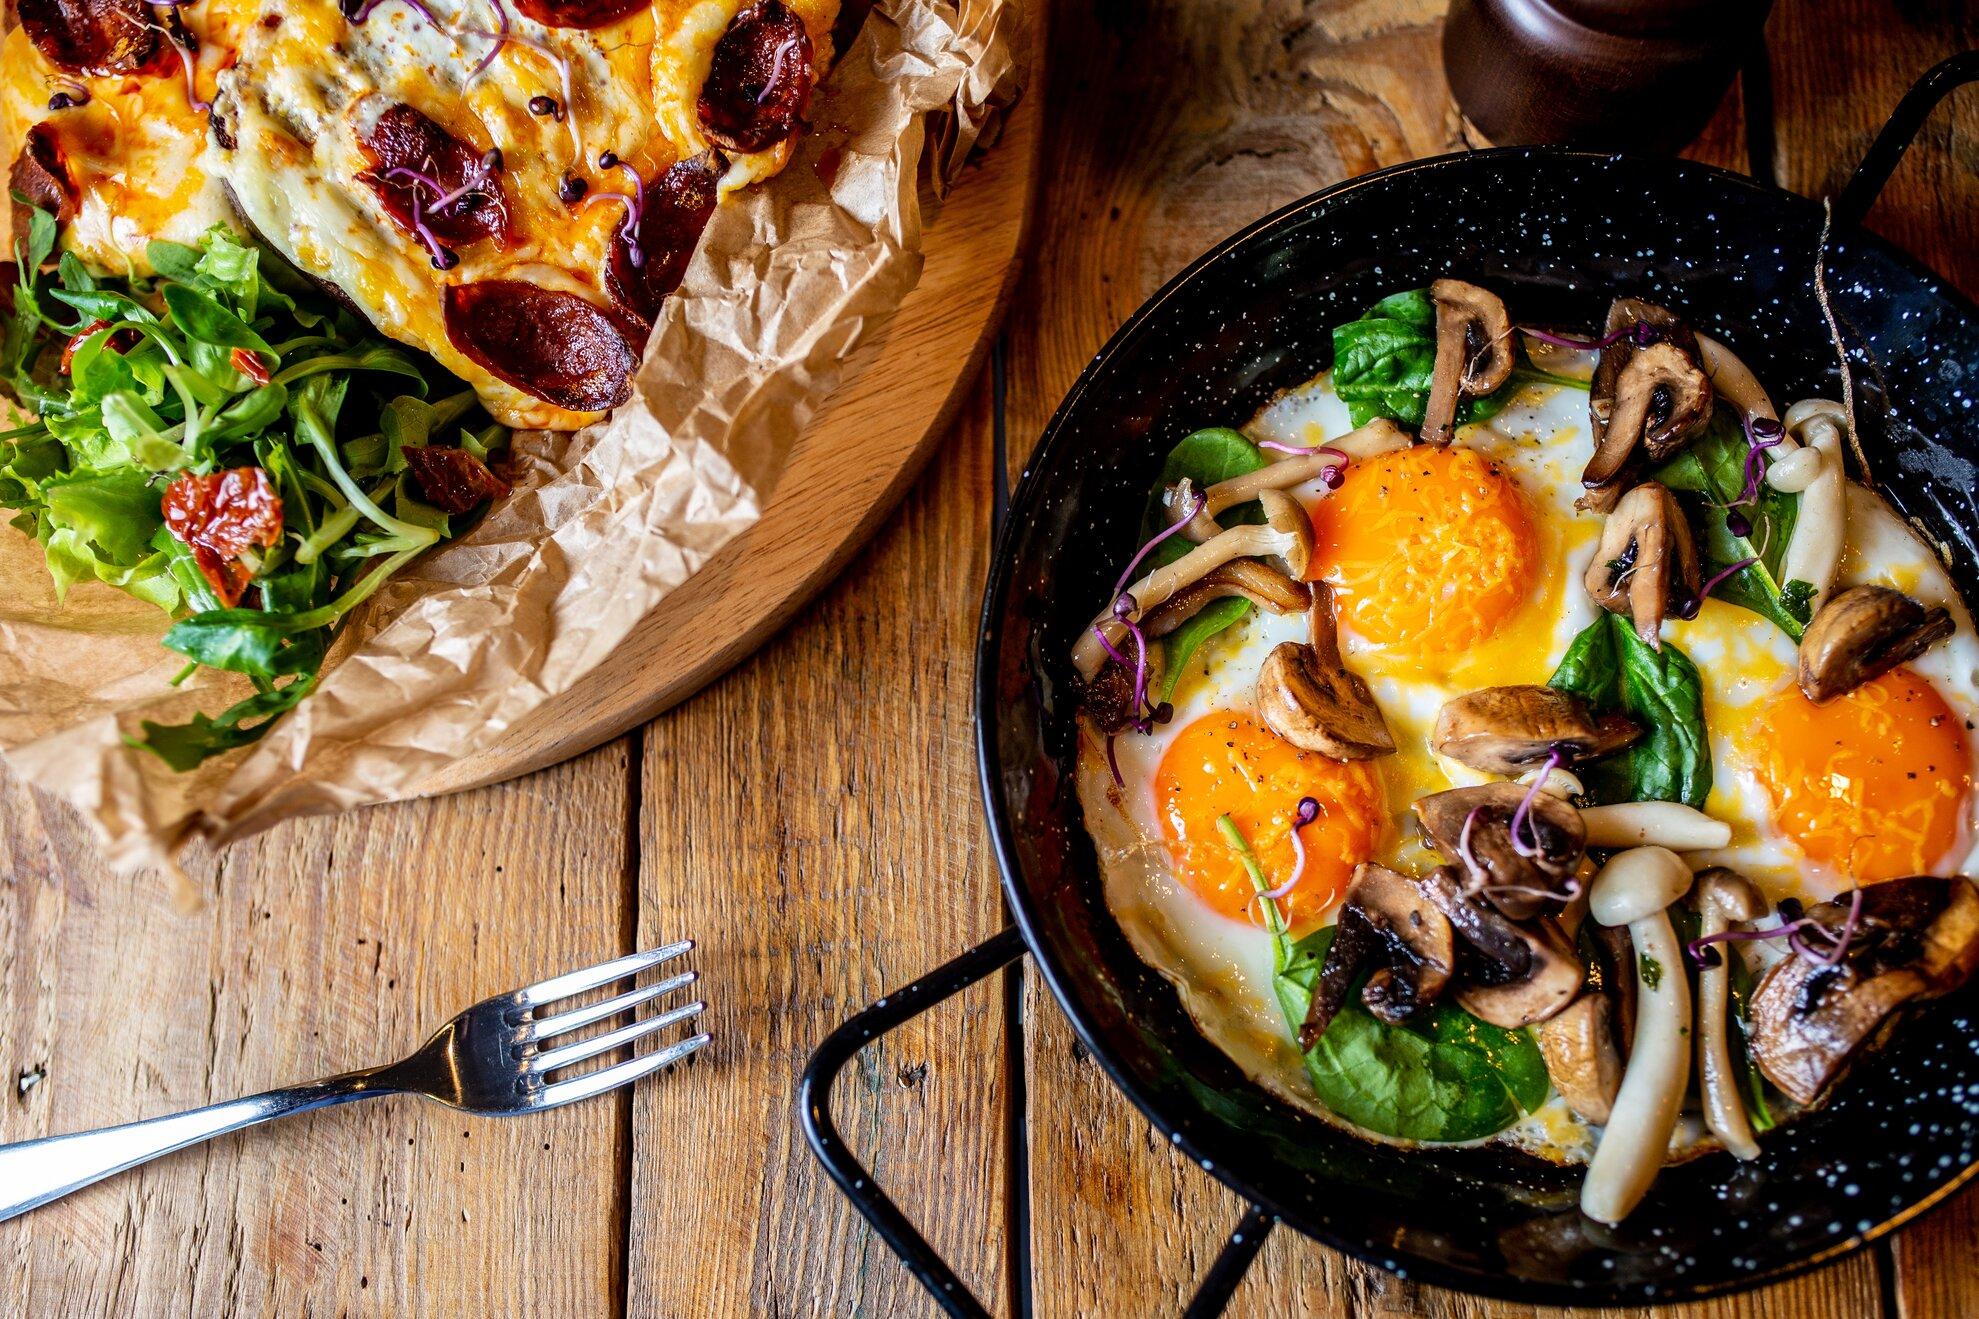 A nagy reggeliteszt – budapesti reggelizők, a kis pékségtől a luxushotelig